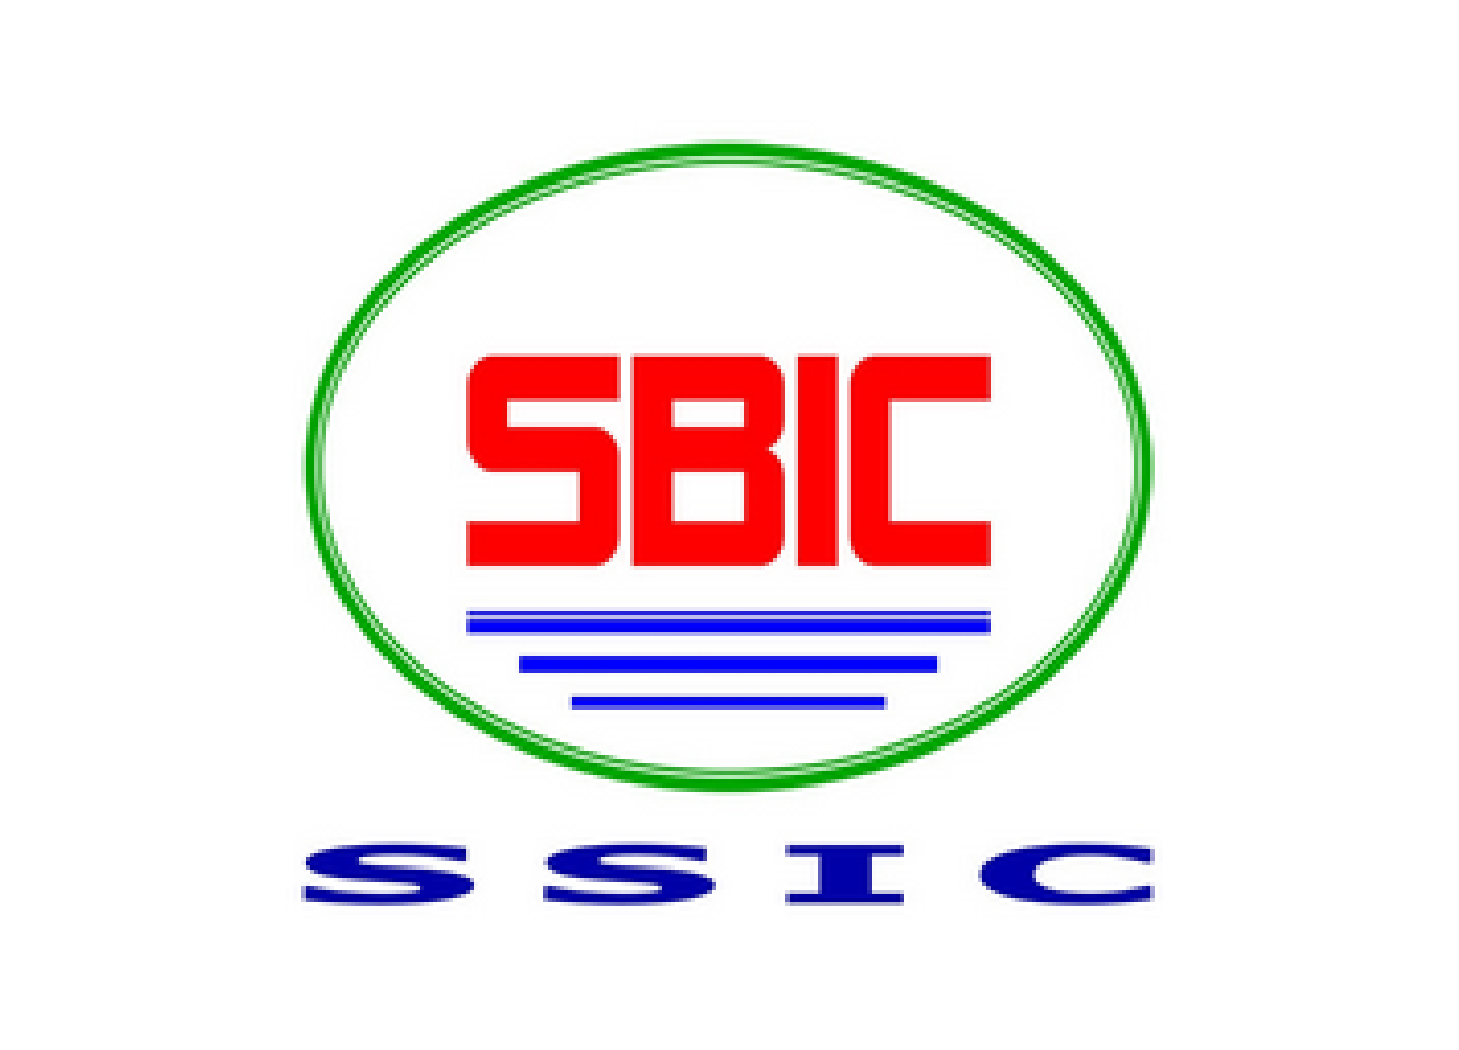 TQC đánh giá chứng nhận ISO 14001:2015 tại Công ty TNHH một thành viên Công nghiệp Tàu thủy Sài Gòn (SSIC)